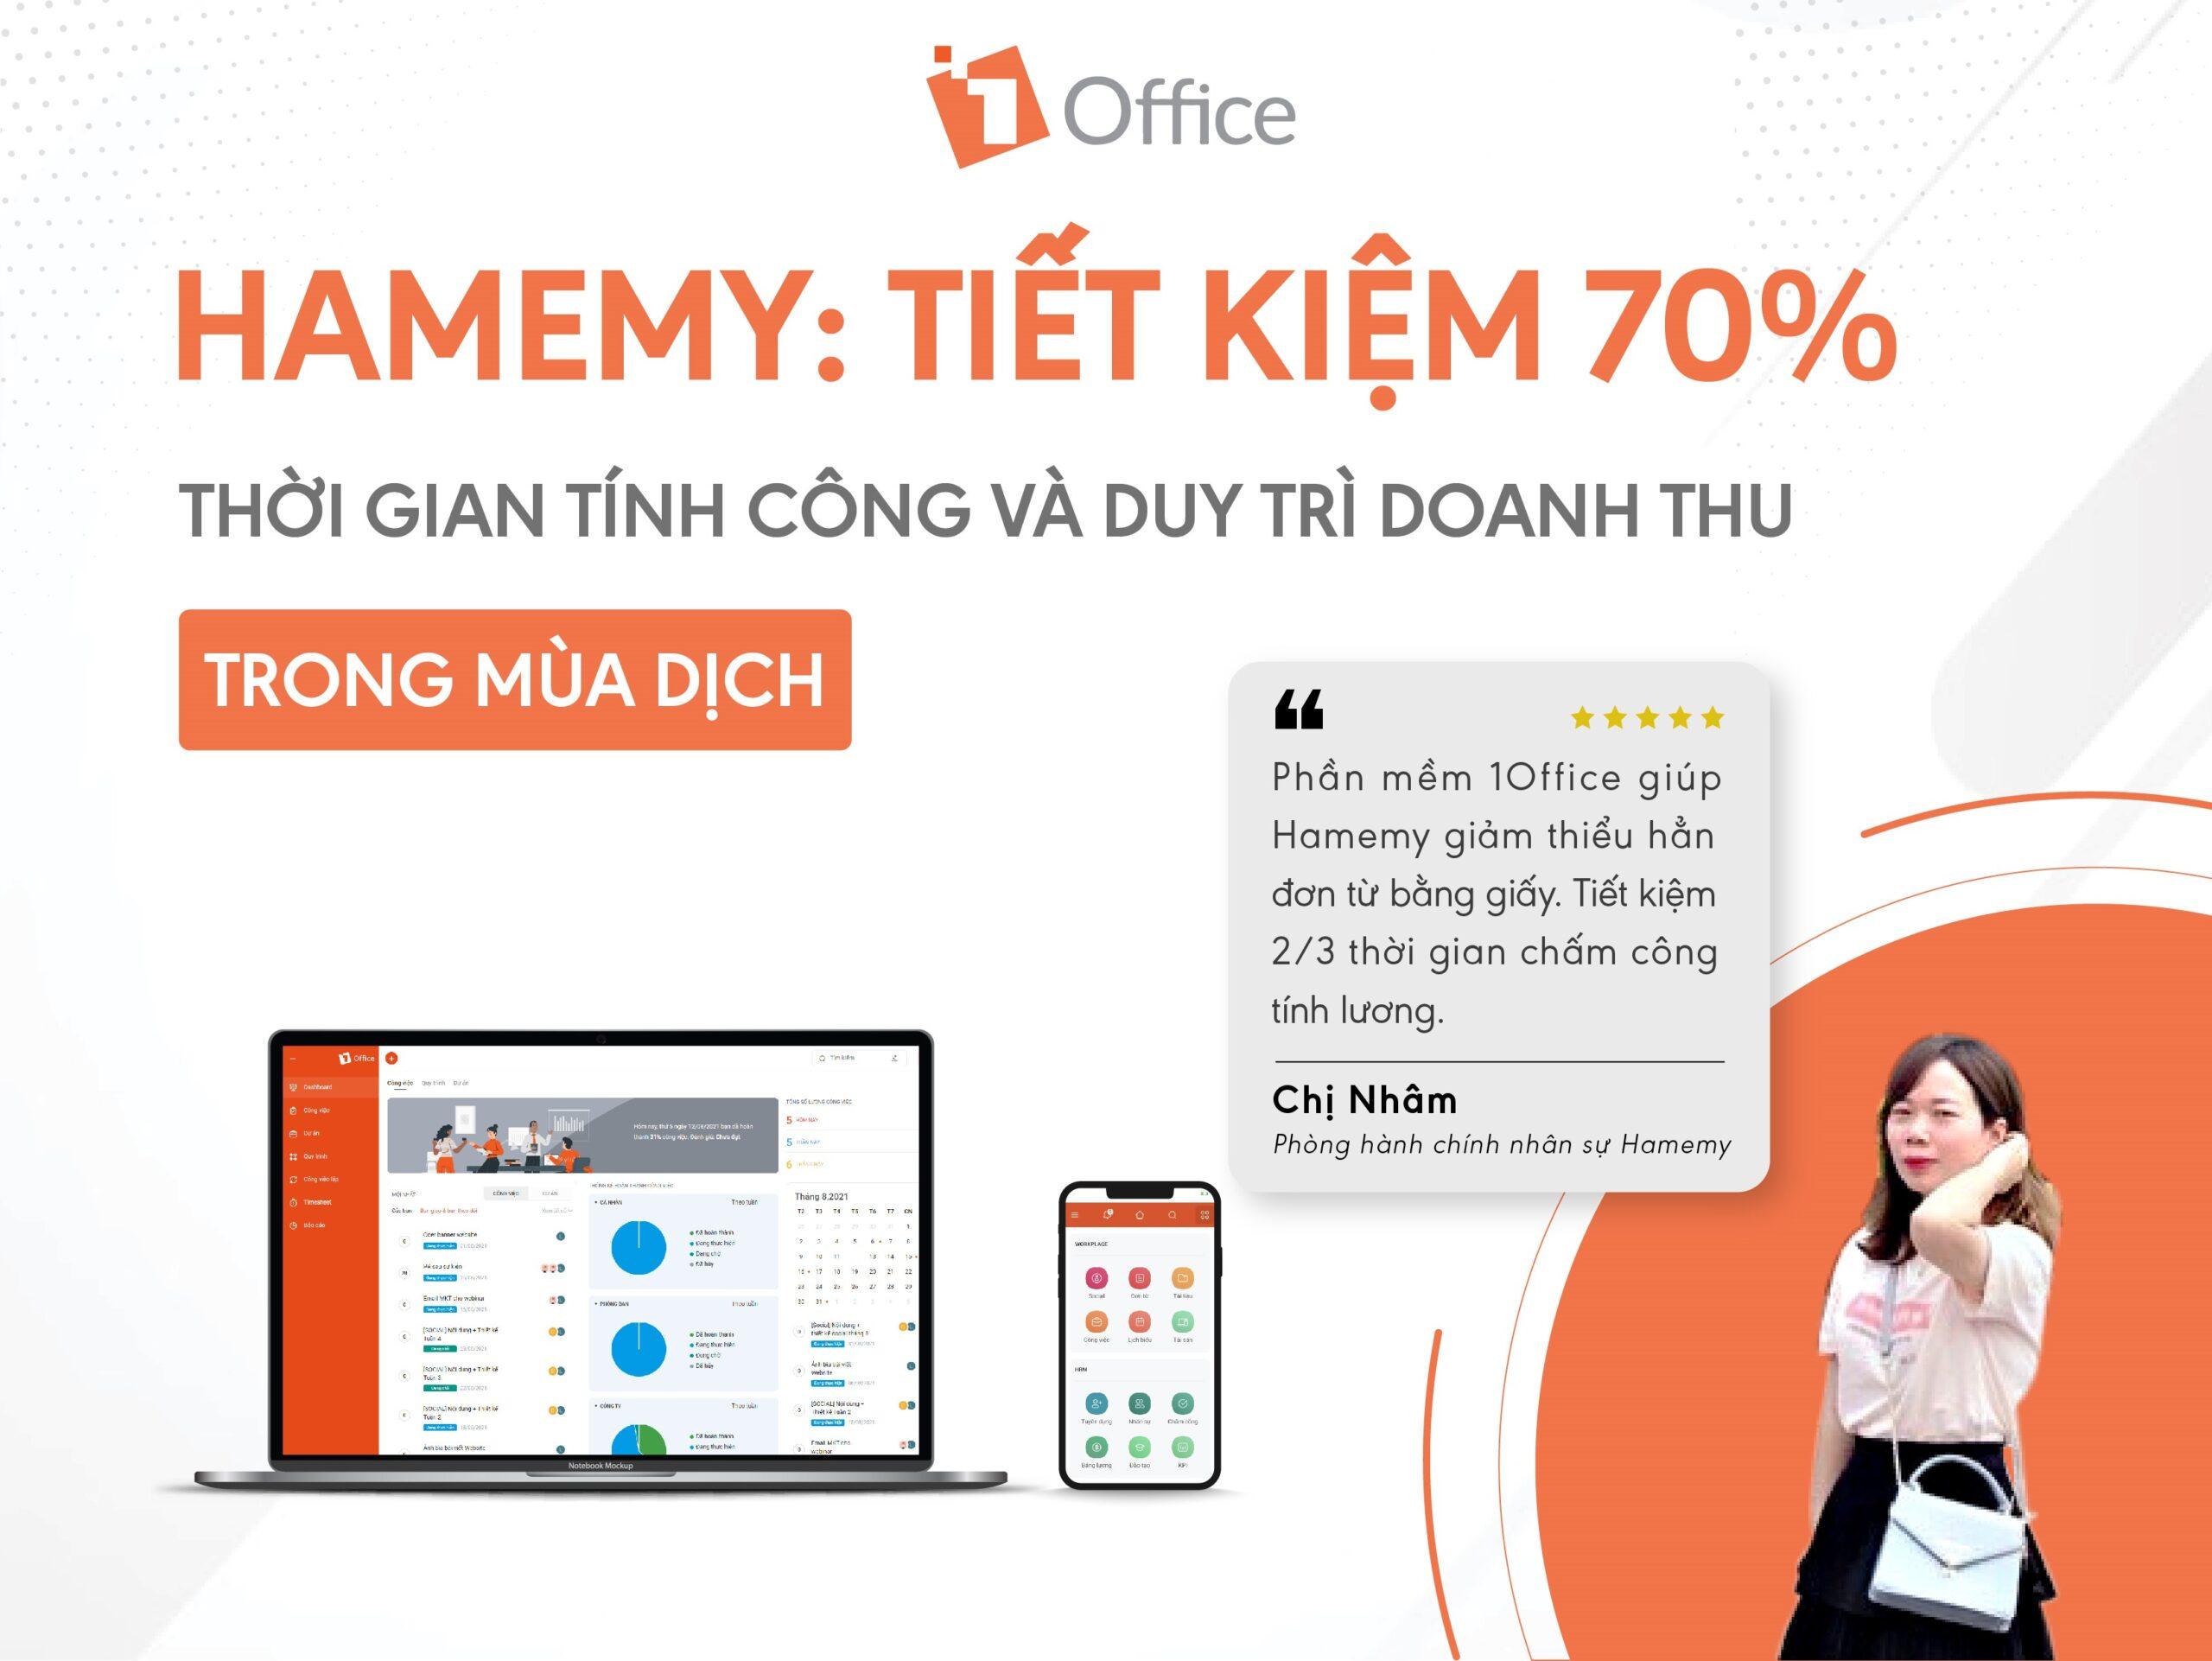 Hamemy: Tiết kiệm 70% thời gian tính công và duy trì doanh thu trong mùa dịch